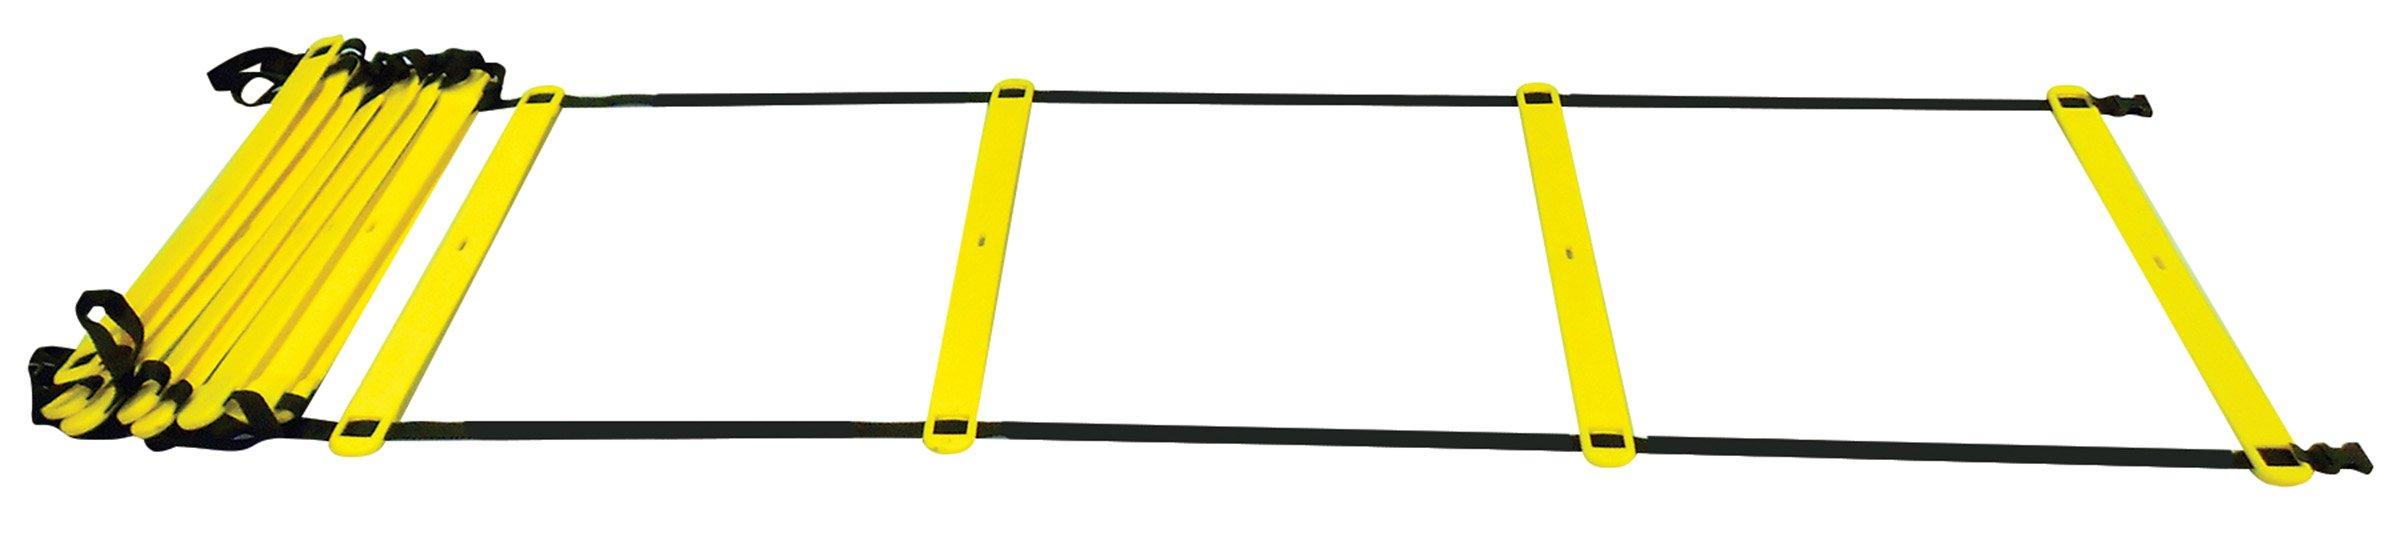 POWERFIT Agility Ladder